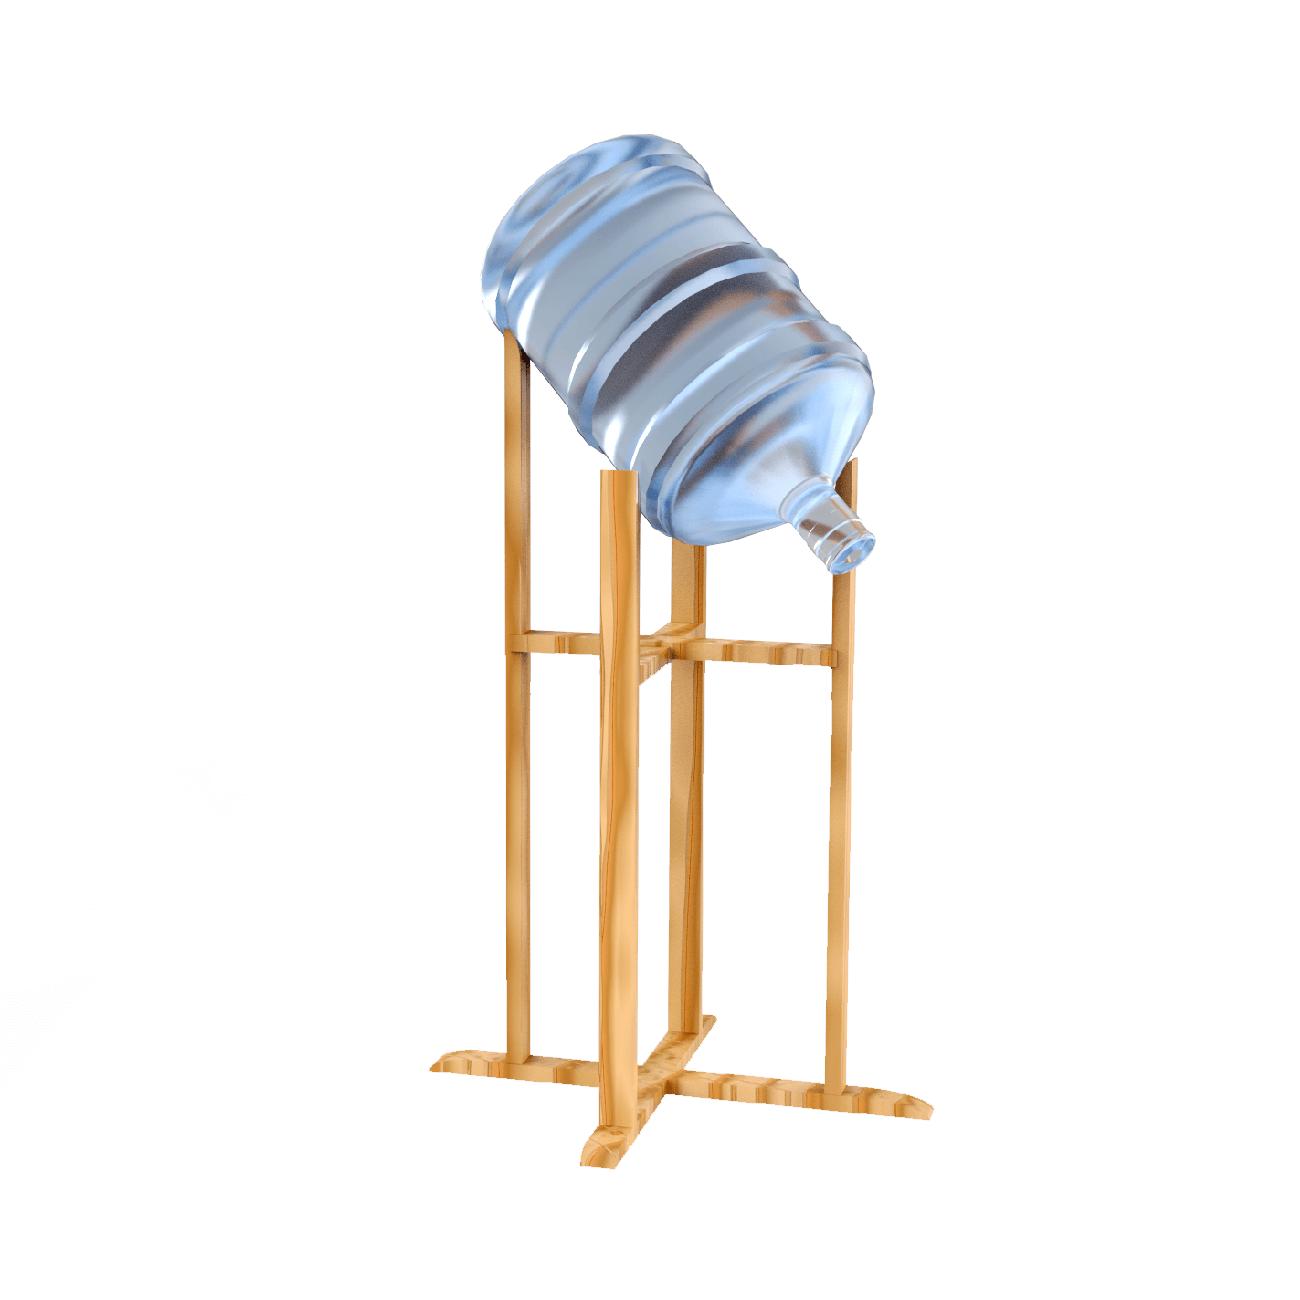 Подставки и полки - {:ru}Наклонная подставка (деревянная, напольная){:}{:uk}Похила підставка (дерев'яна, для підлоги){:}